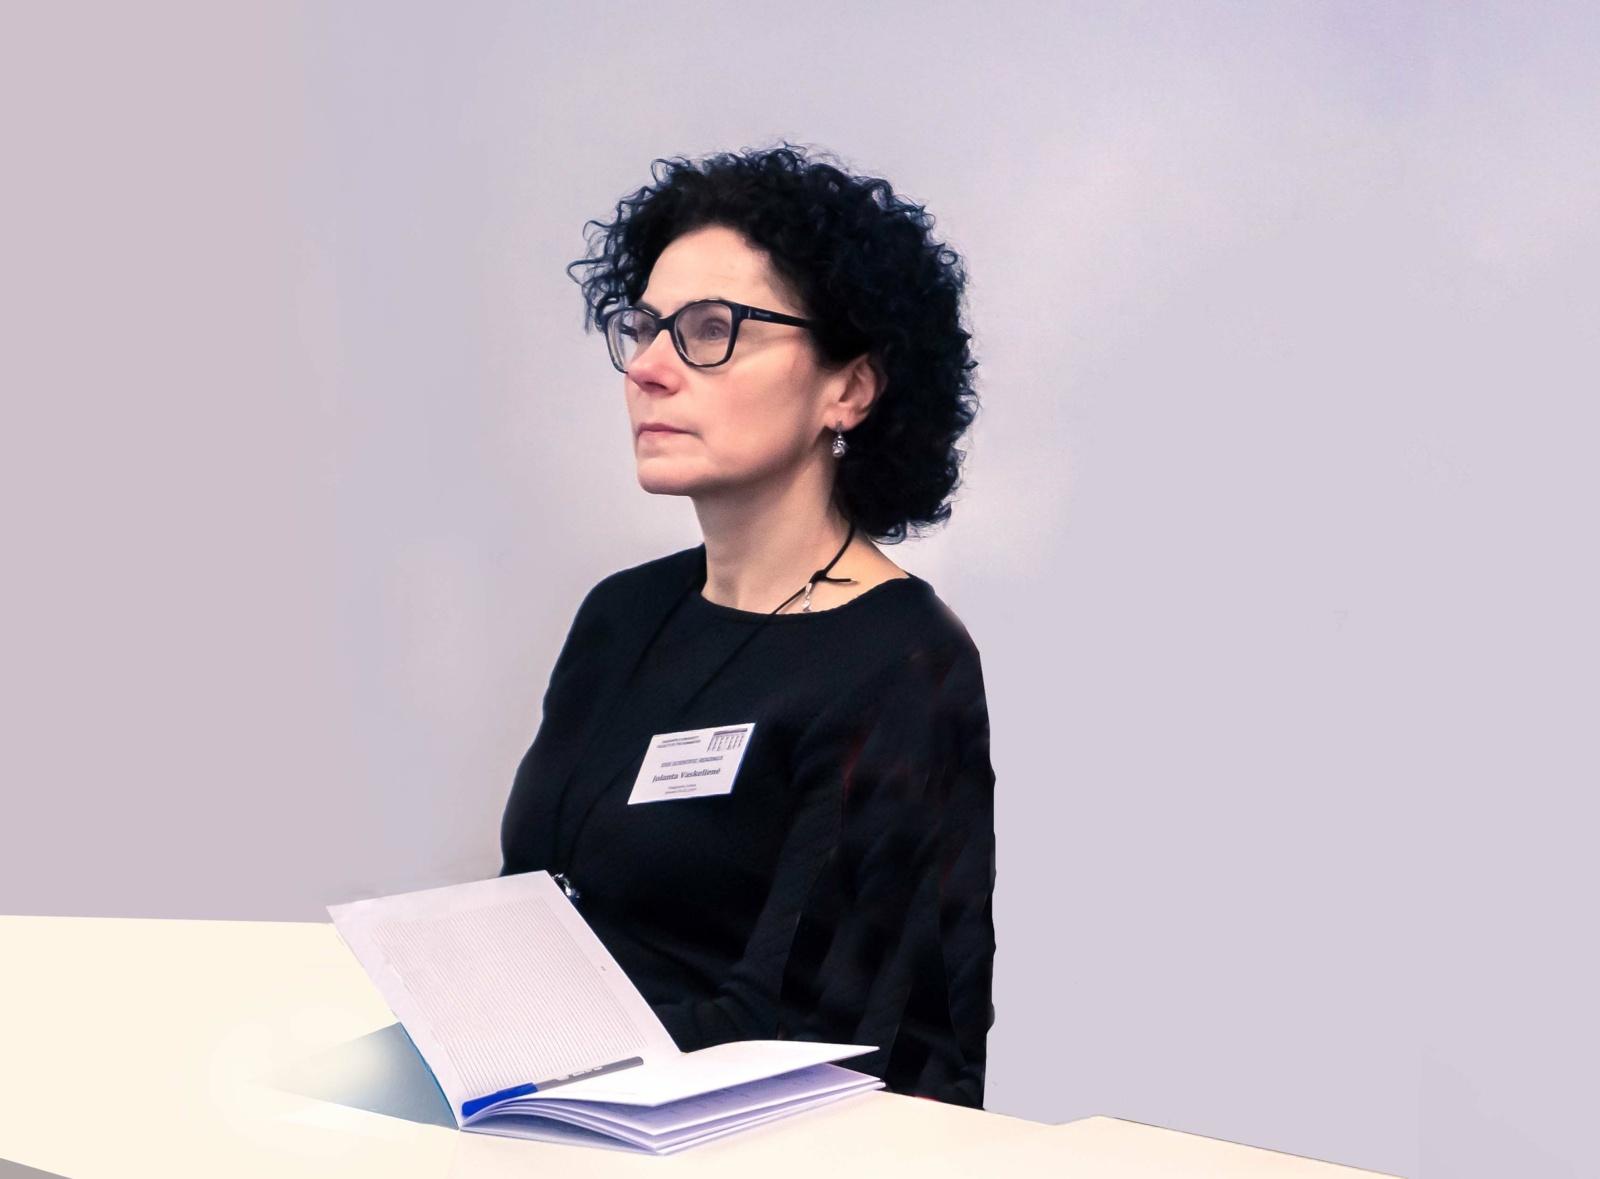 Doc. dr. Jolanta Vaskelienė: Daugelis iš mūsų naudojamės labai nedidele lietuvių kalbos žodyno dalimi